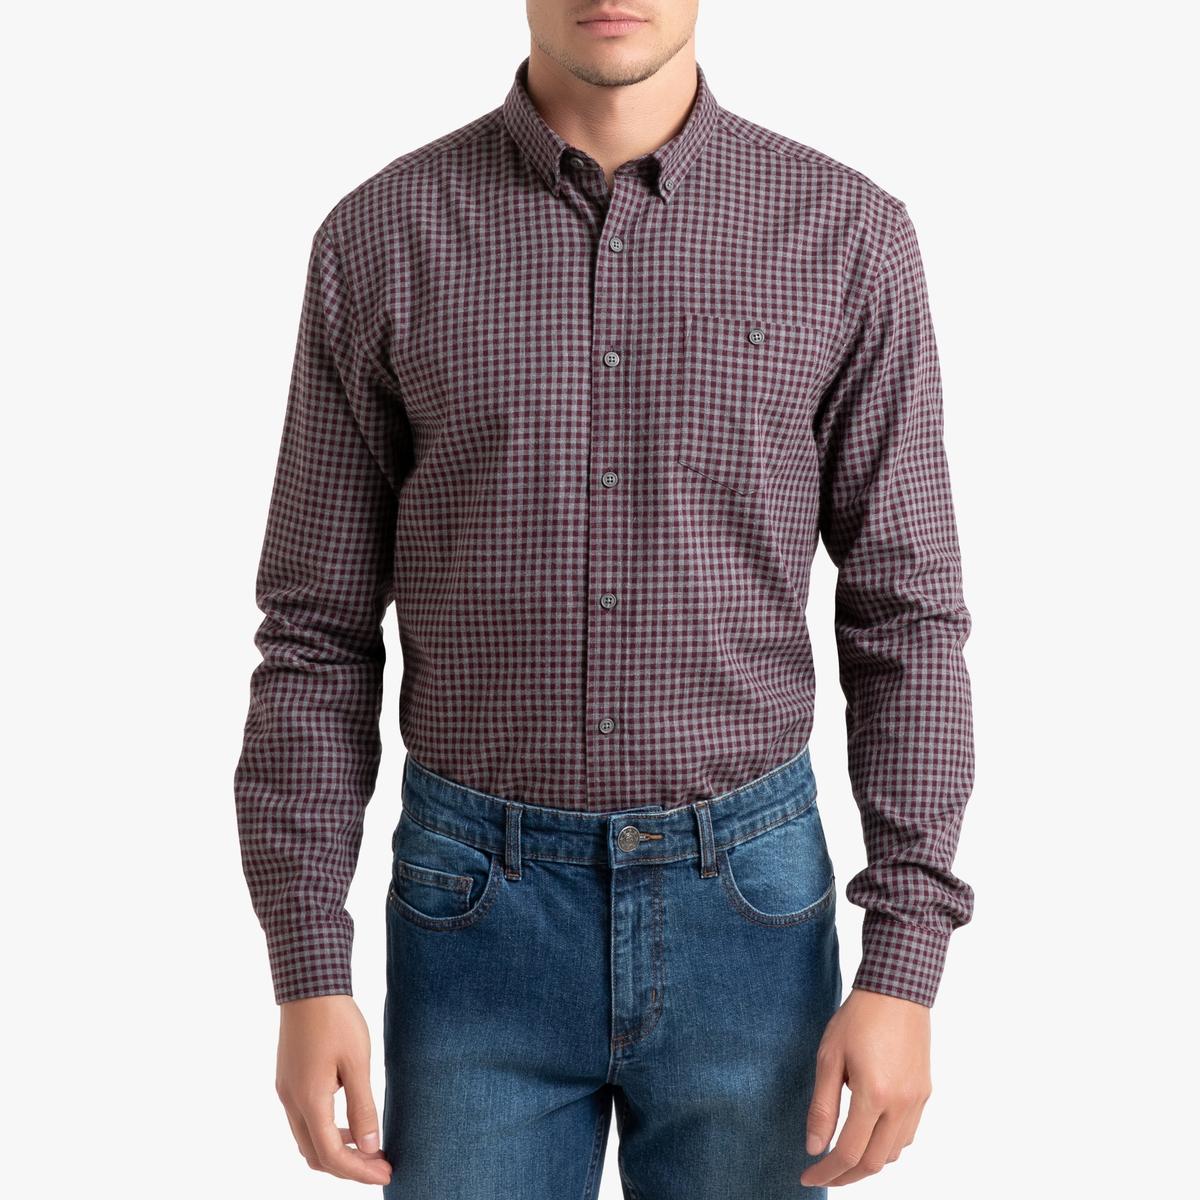 Рубашка La Redoute Прямого покроя в клетку с длинными рукавами 37/38 серый рубашка la redoute прямого покроя в клетку с длинными рукавами 45 46 серый